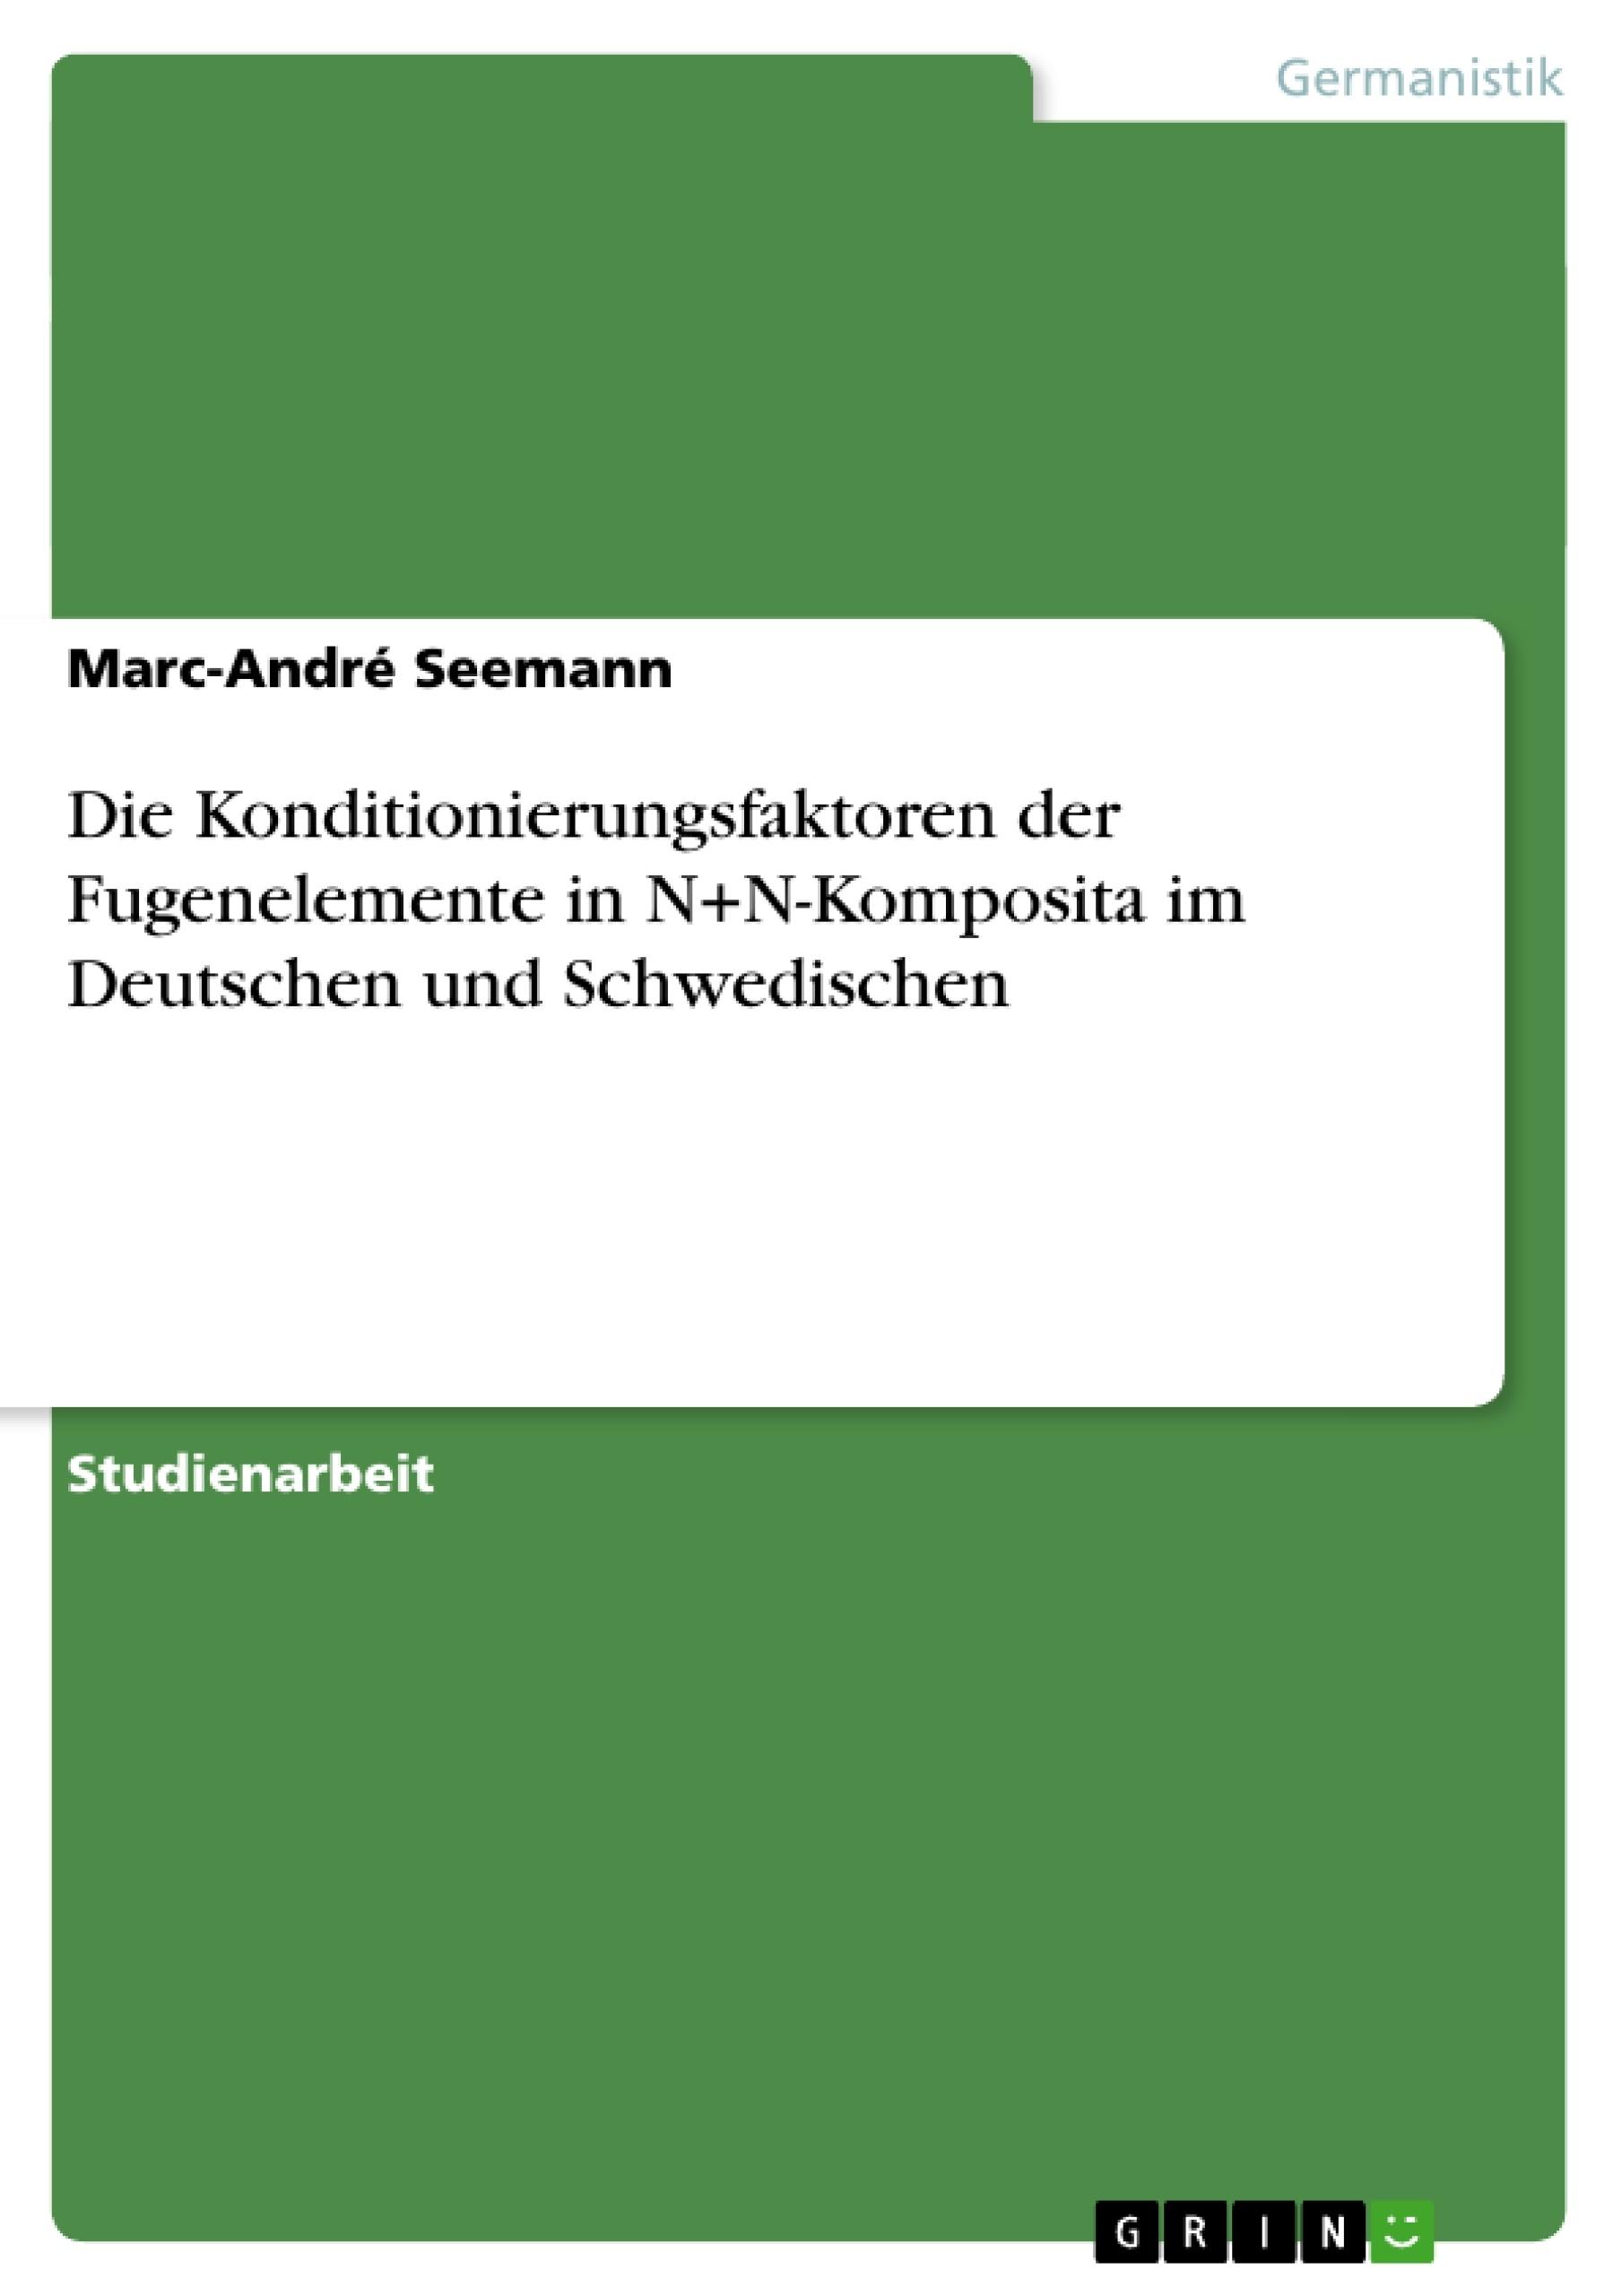 Titel: Die Konditionierungsfaktoren der Fugenelemente in N+N-Komposita im Deutschen und Schwedischen